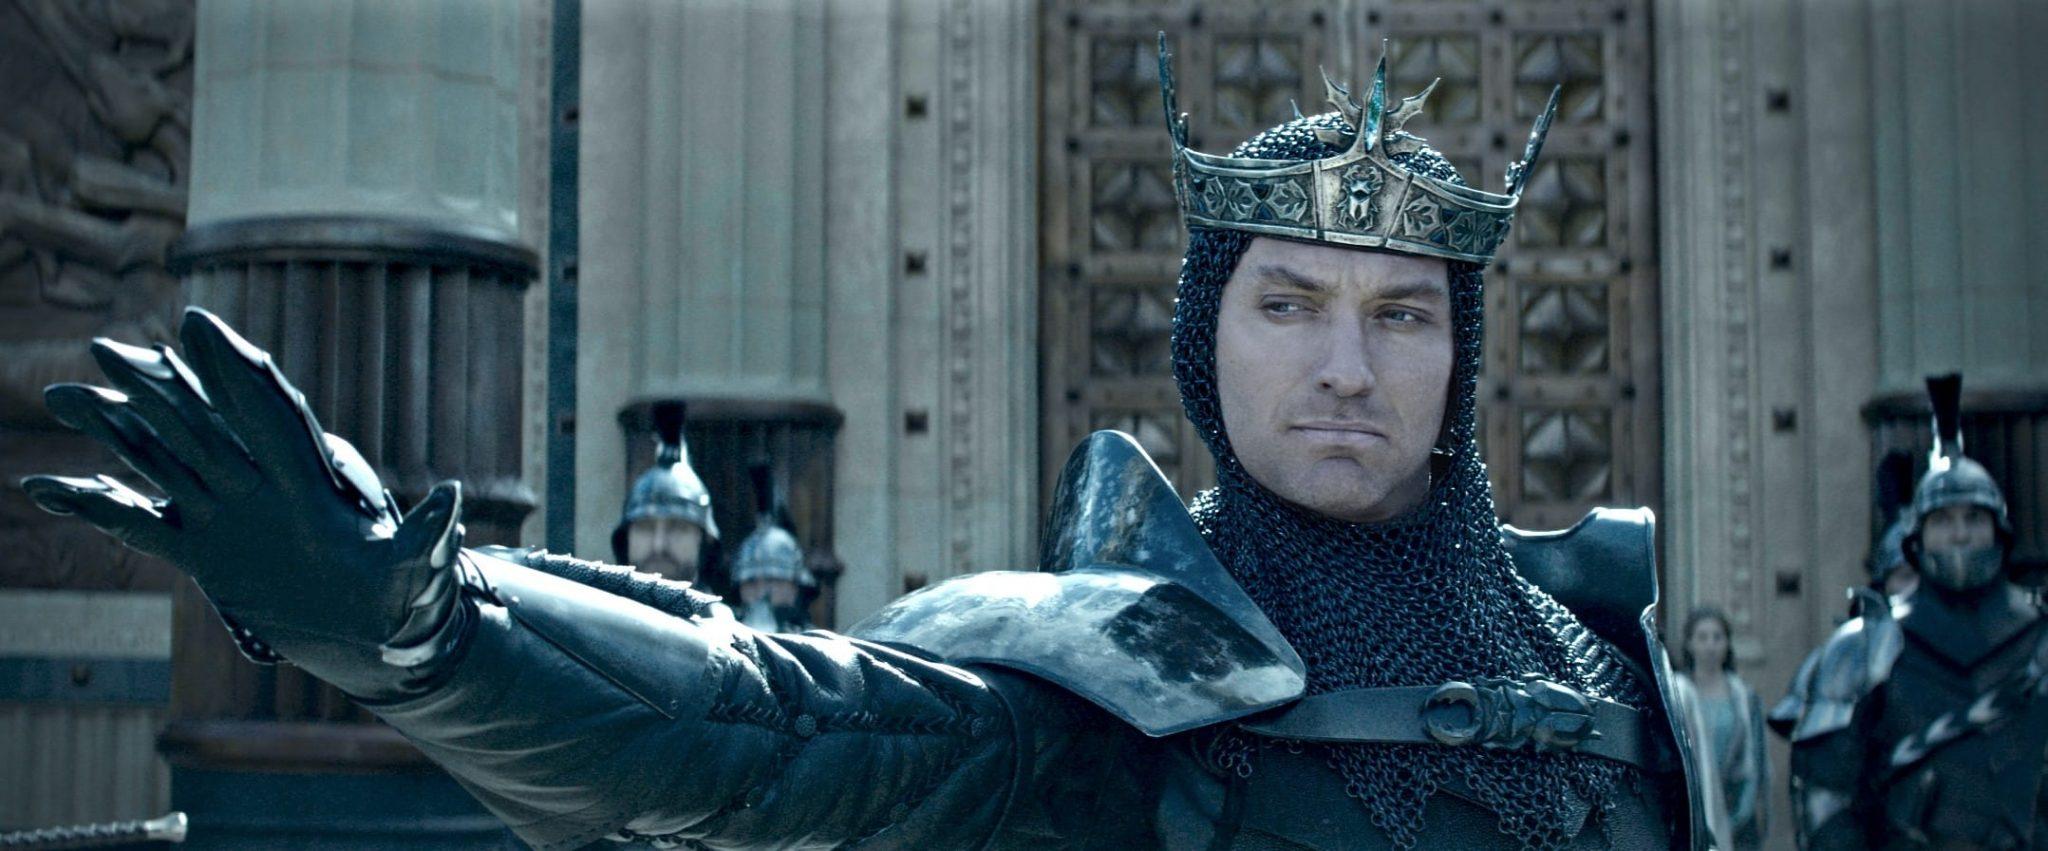 Le Roi Arthur La Légende d'Excalibur image 2